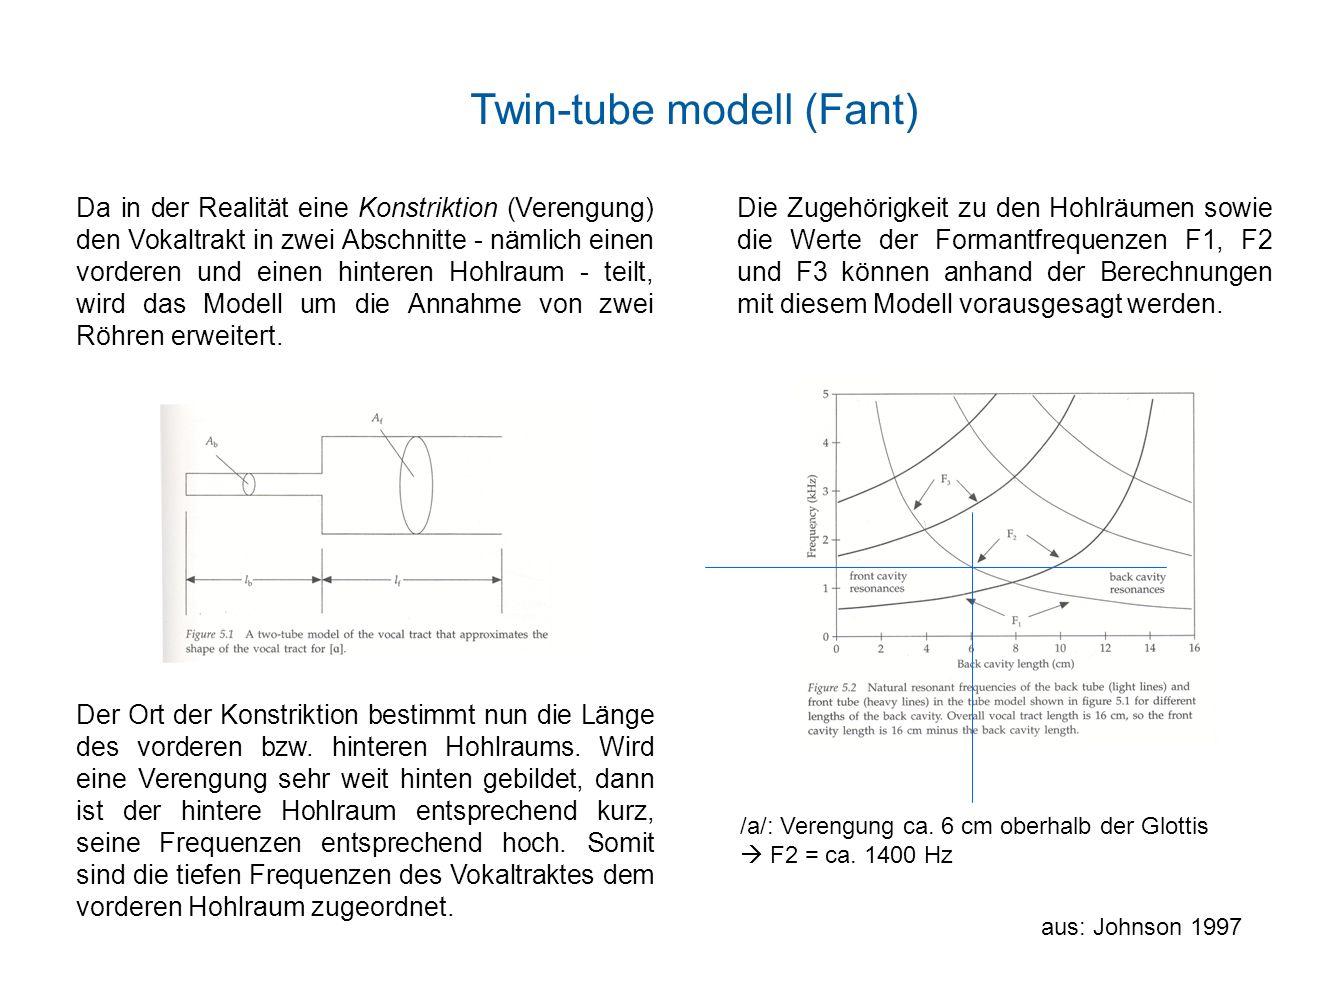 Artikulationsorte der Vokale http:// www.translationdirectory.com/articles/article1857.php